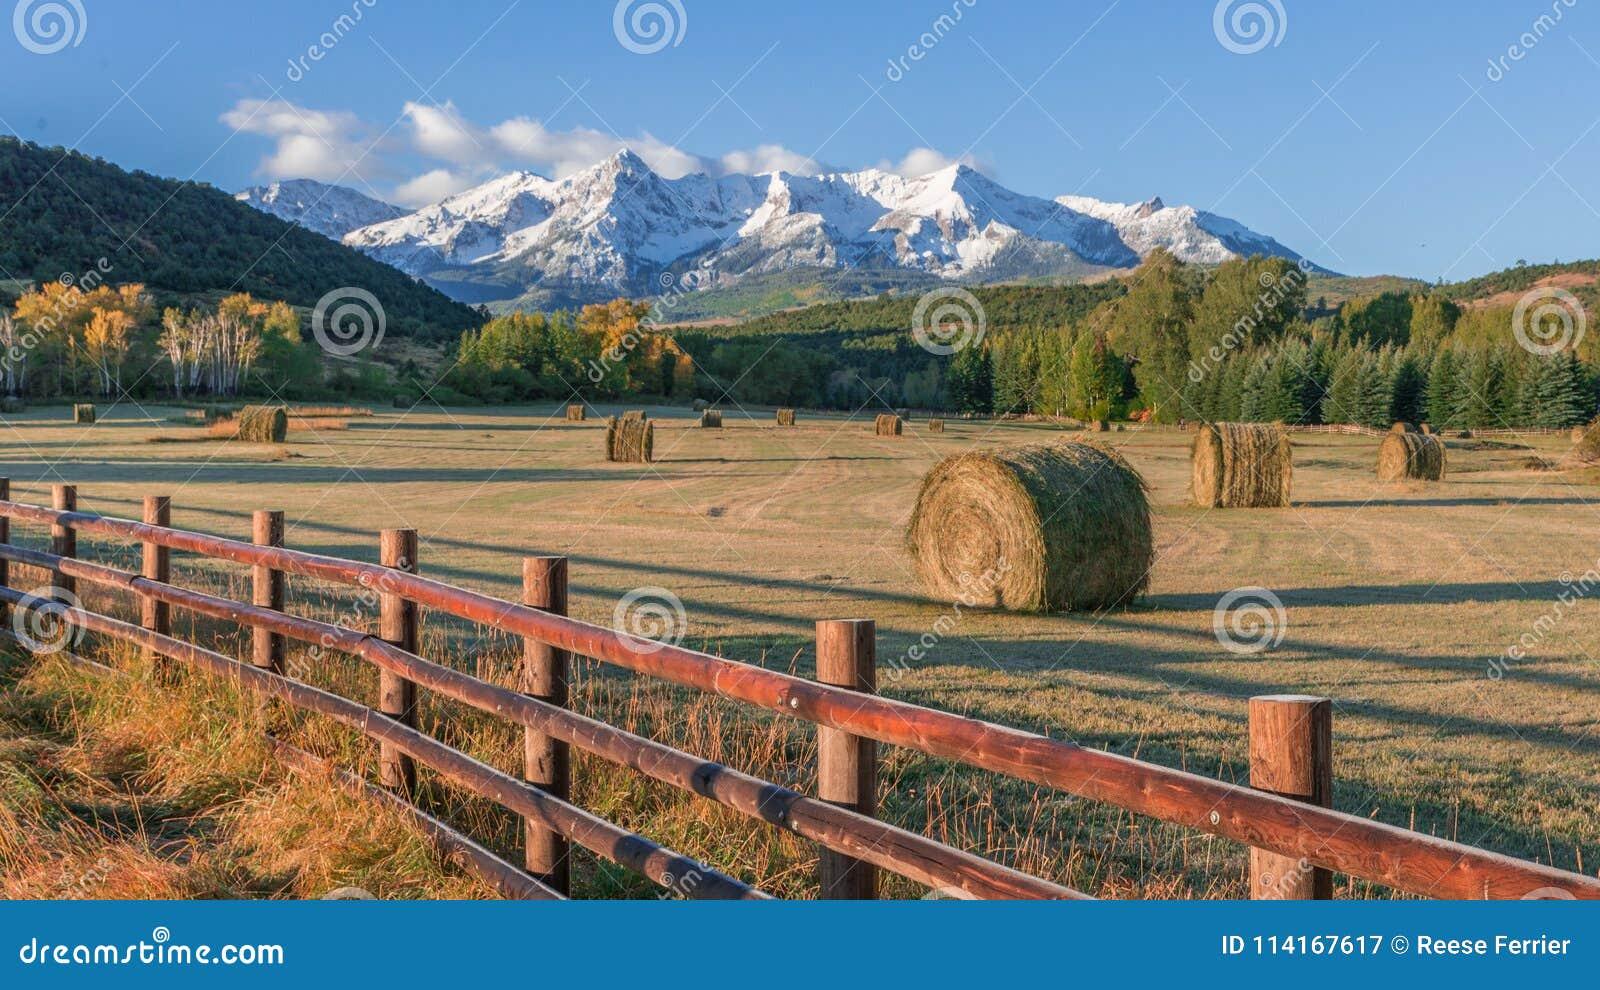 Colorado Hay Bails